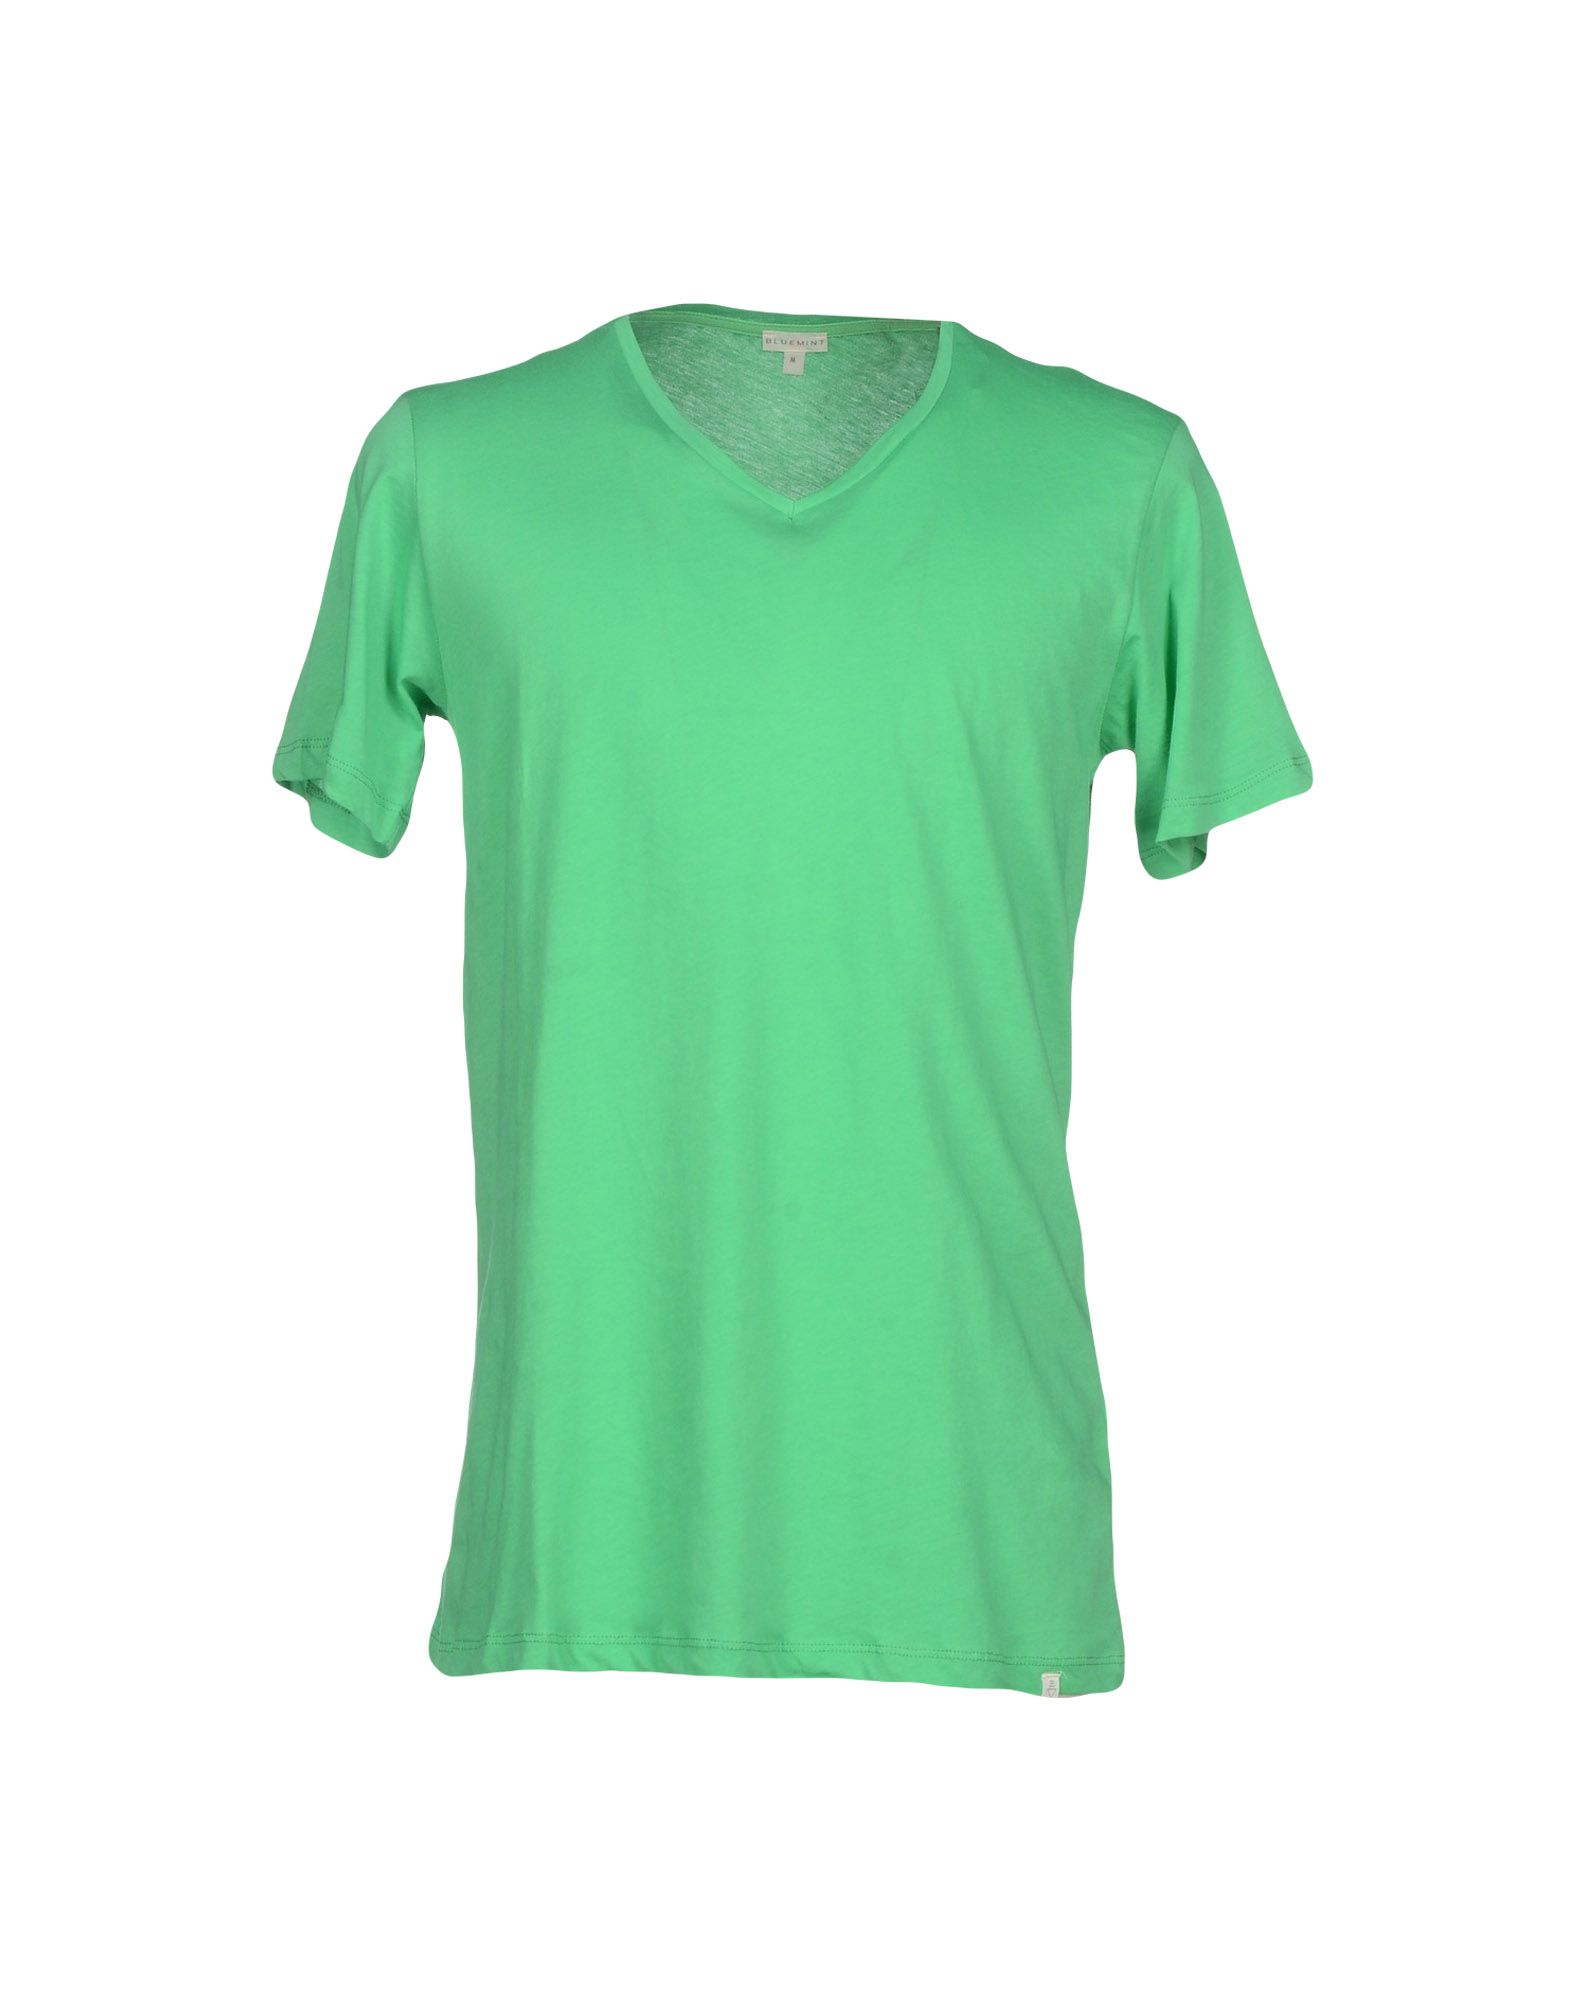 BLUEMINT T-Shirt in Light Green